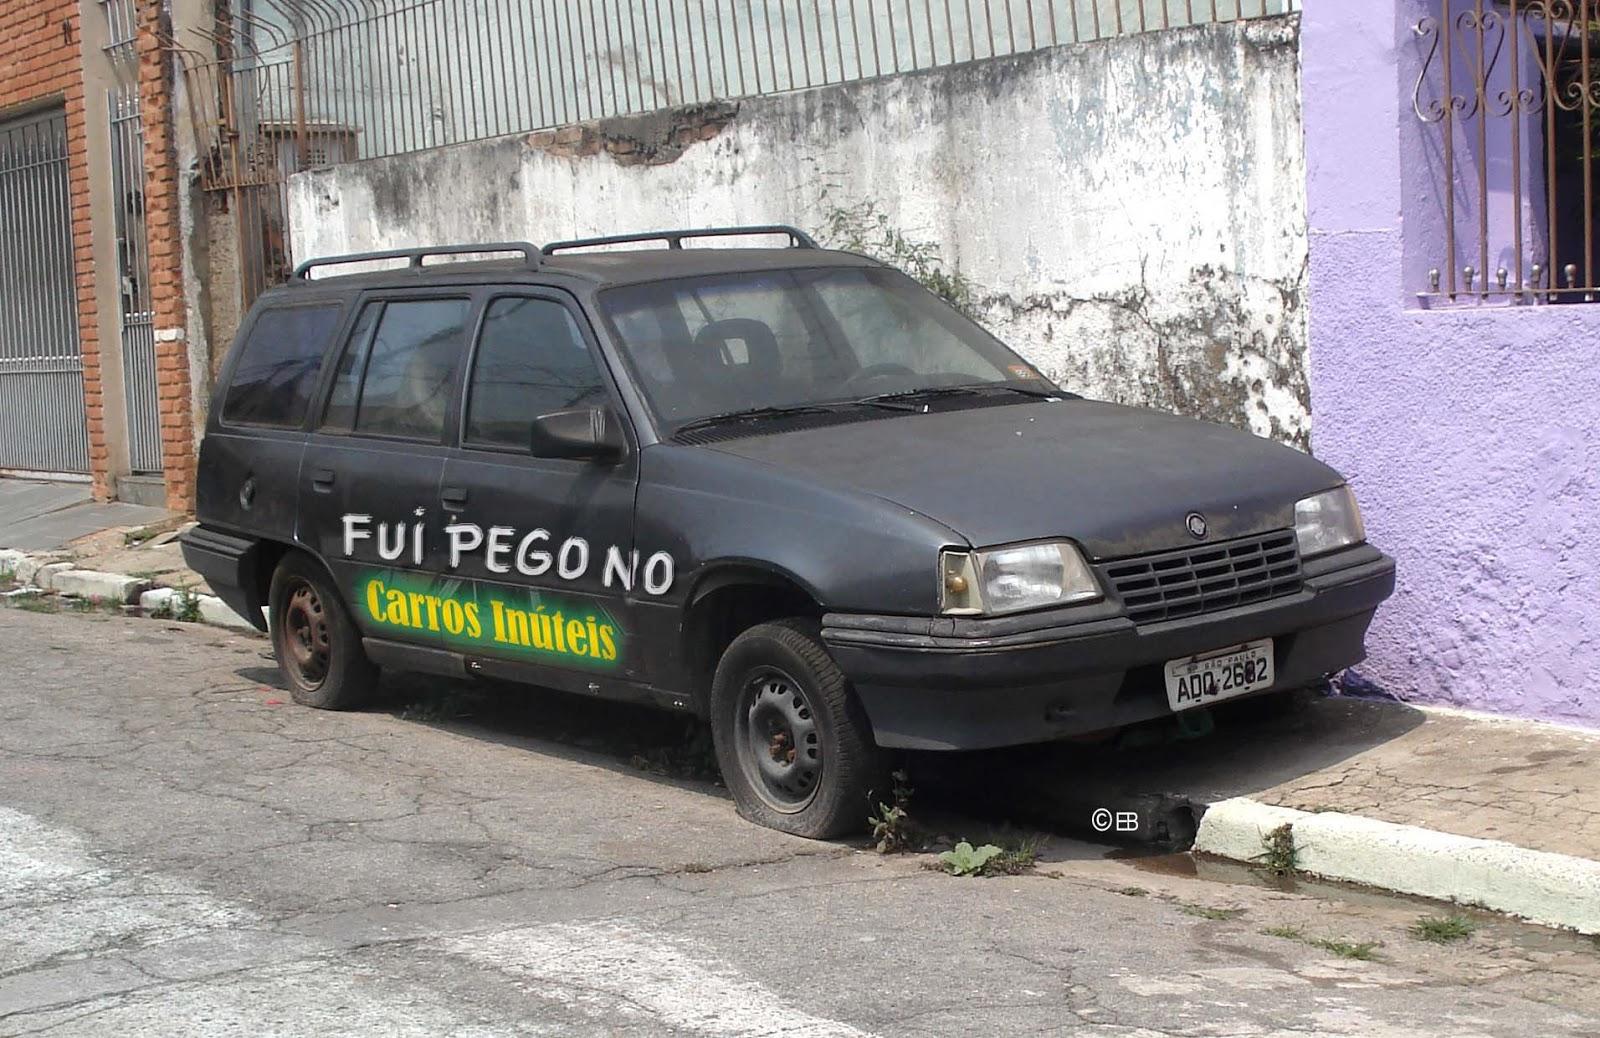 imagens-de-carros-ipanema-imagens+(1).jpg